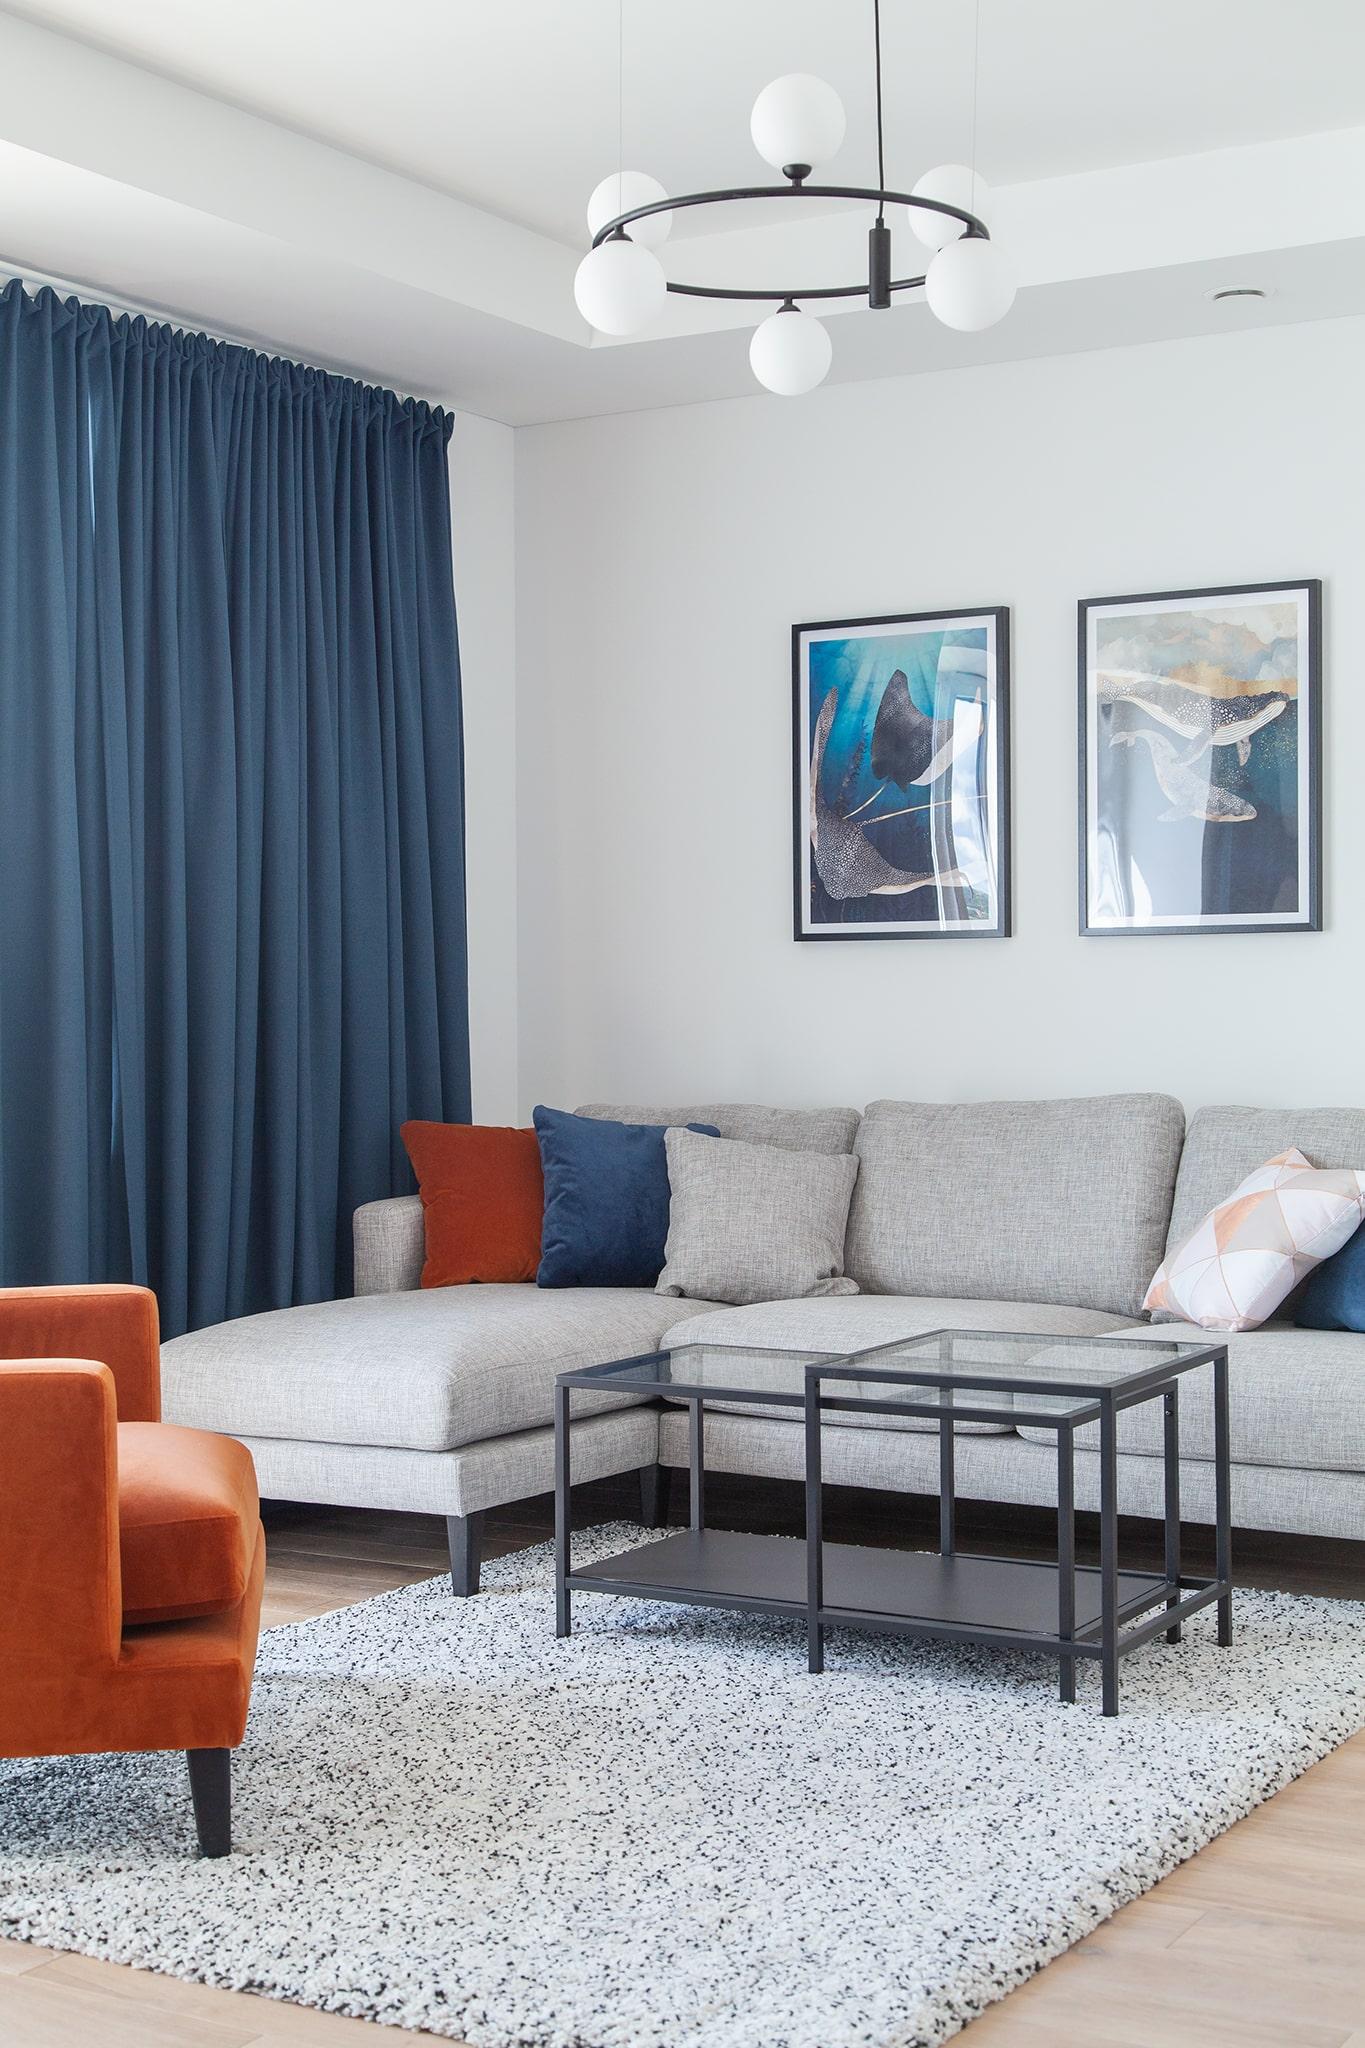 Modernus ir subalansuotas baldų bei dekoro elementų interjeras